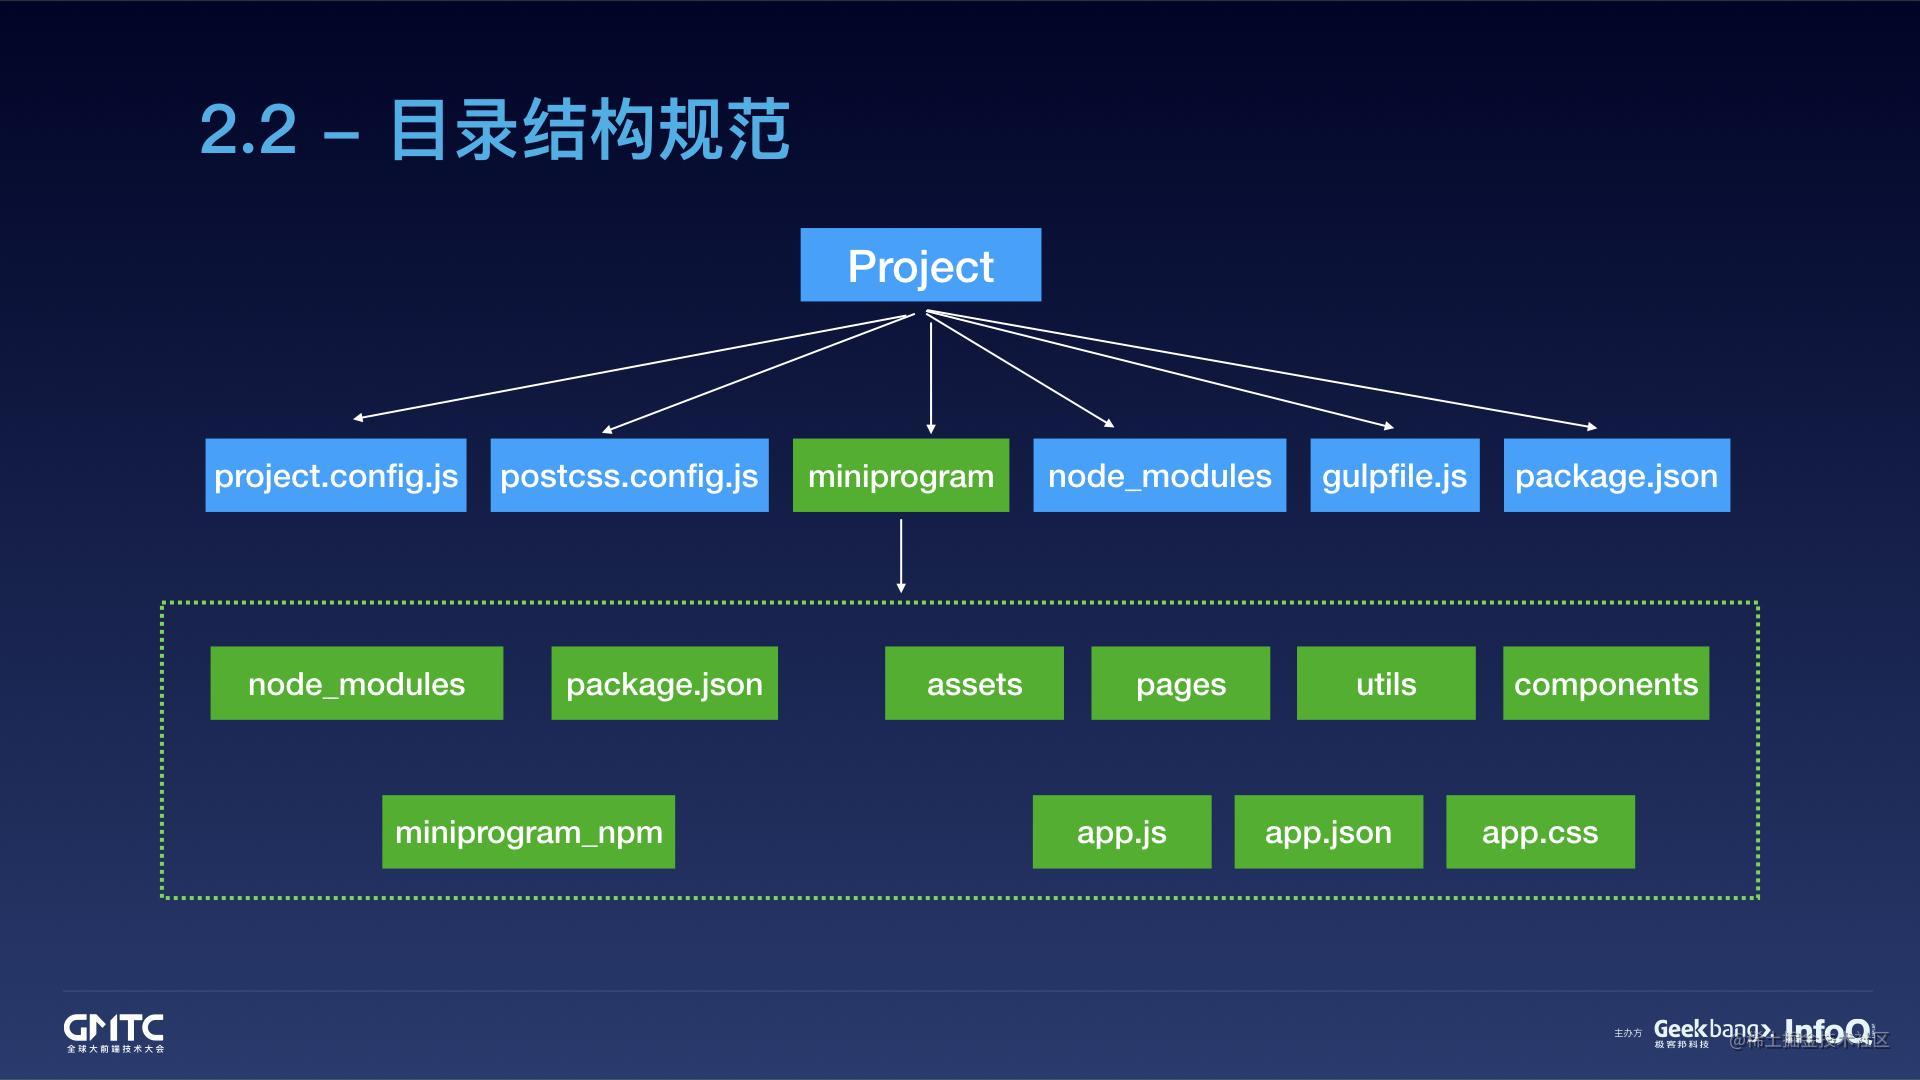 腾讯在线教育小程序开发实践之路.025.jpeg